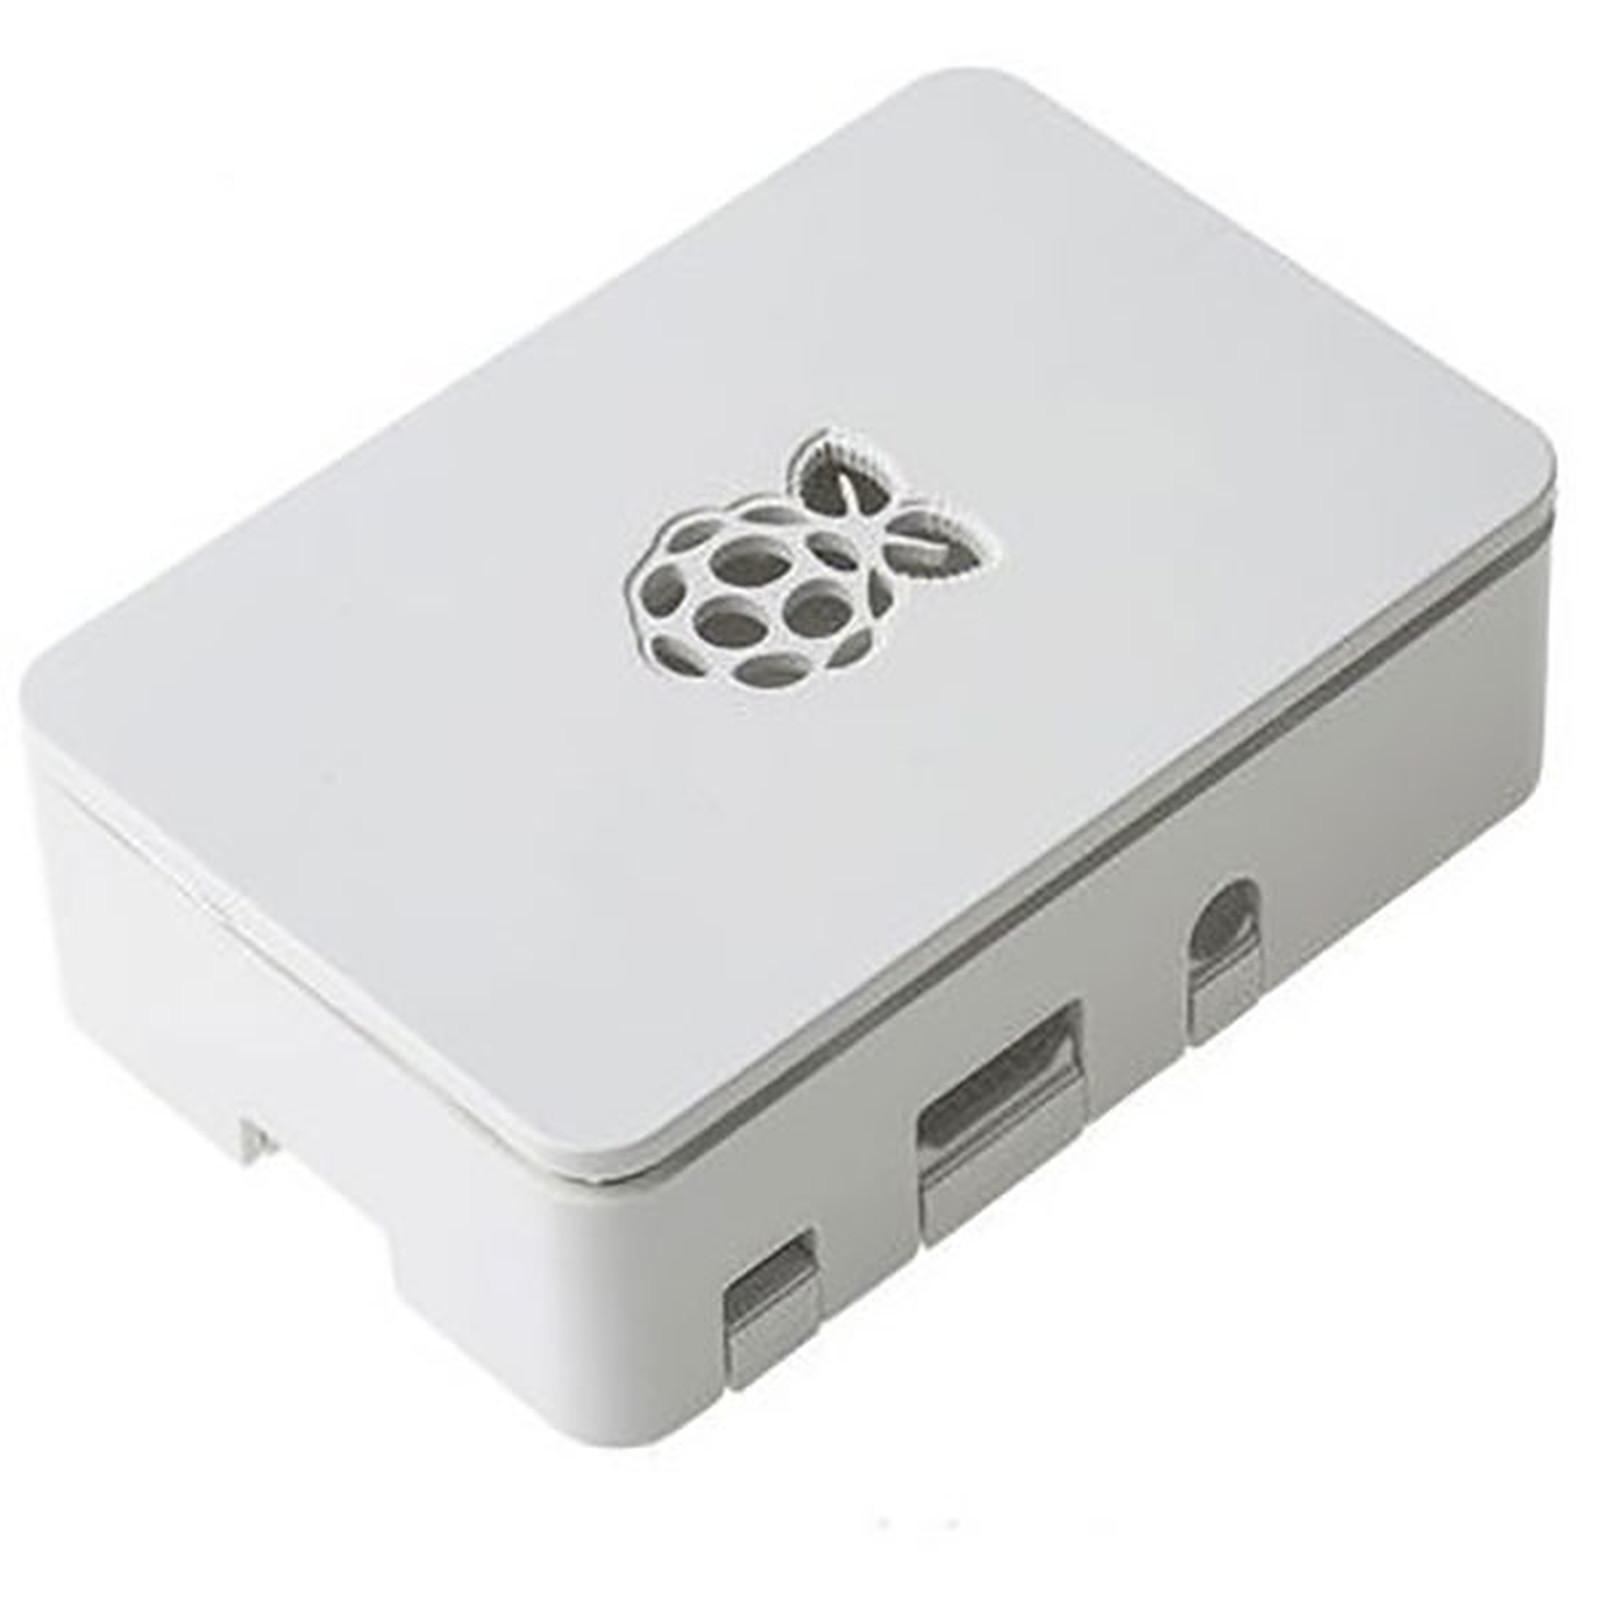 Boitier pour Raspberry Pi 3 B+ (Blanc)